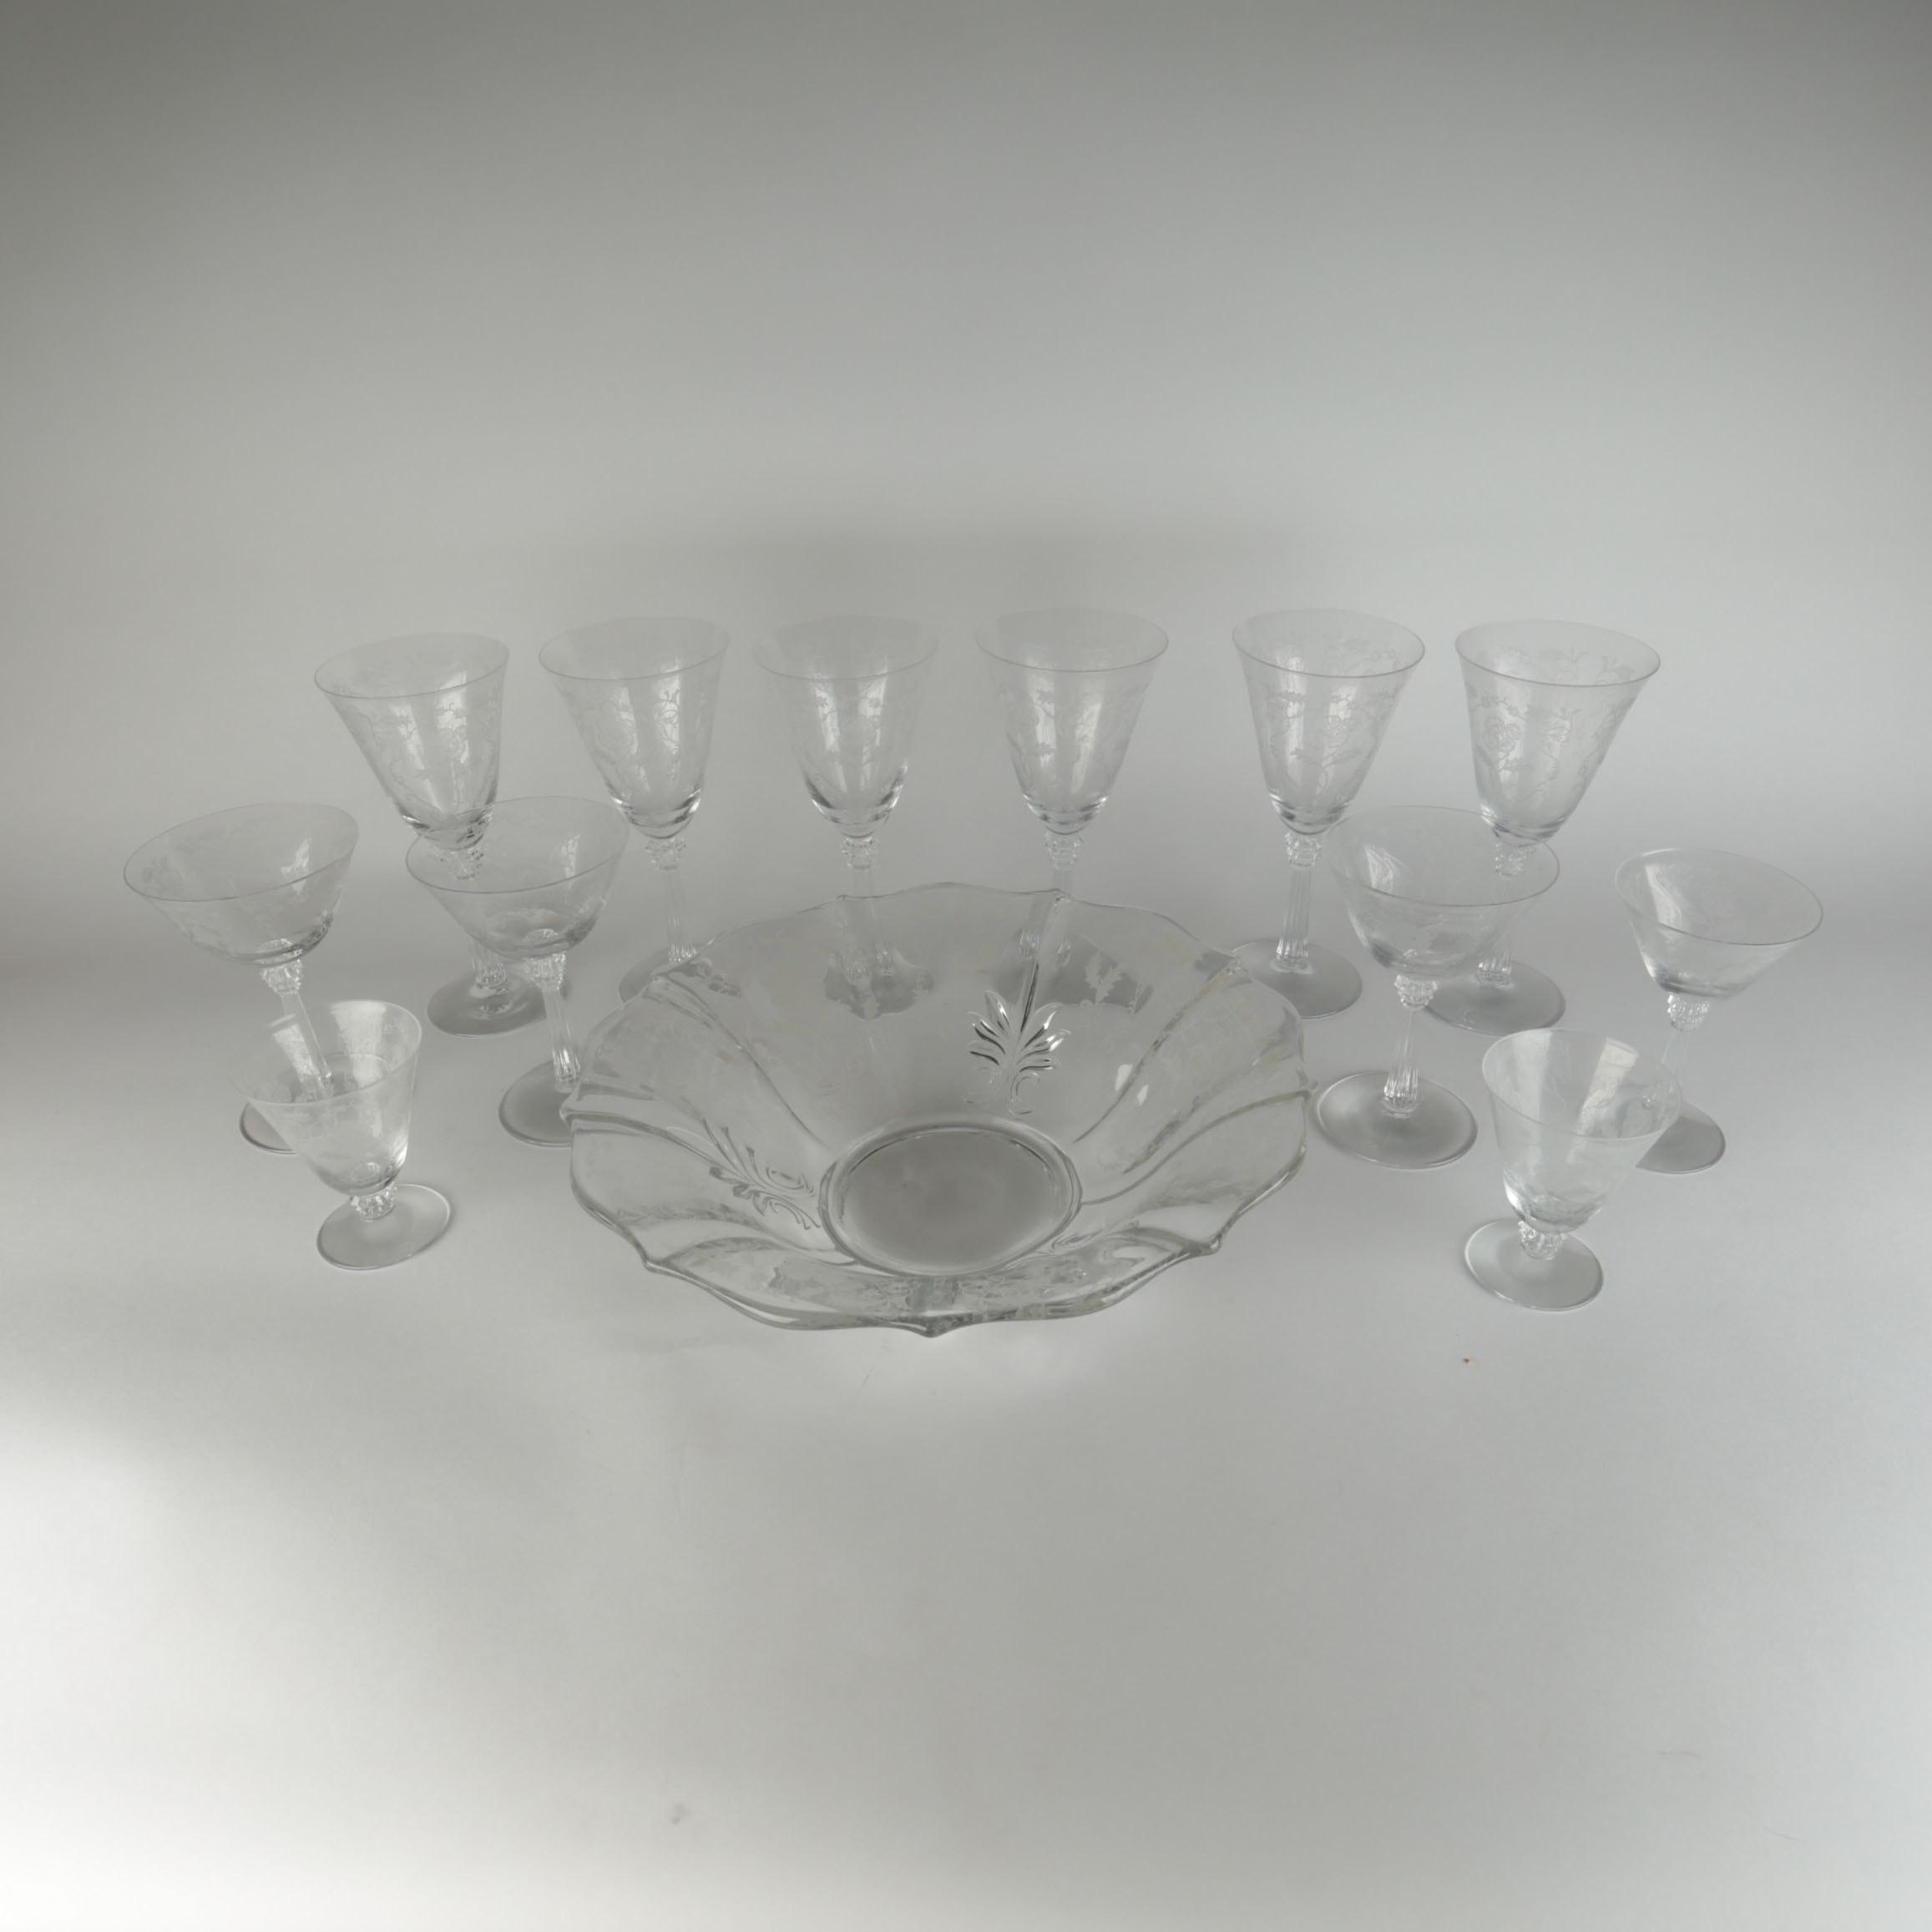 Vintage Etched Floral Glassware